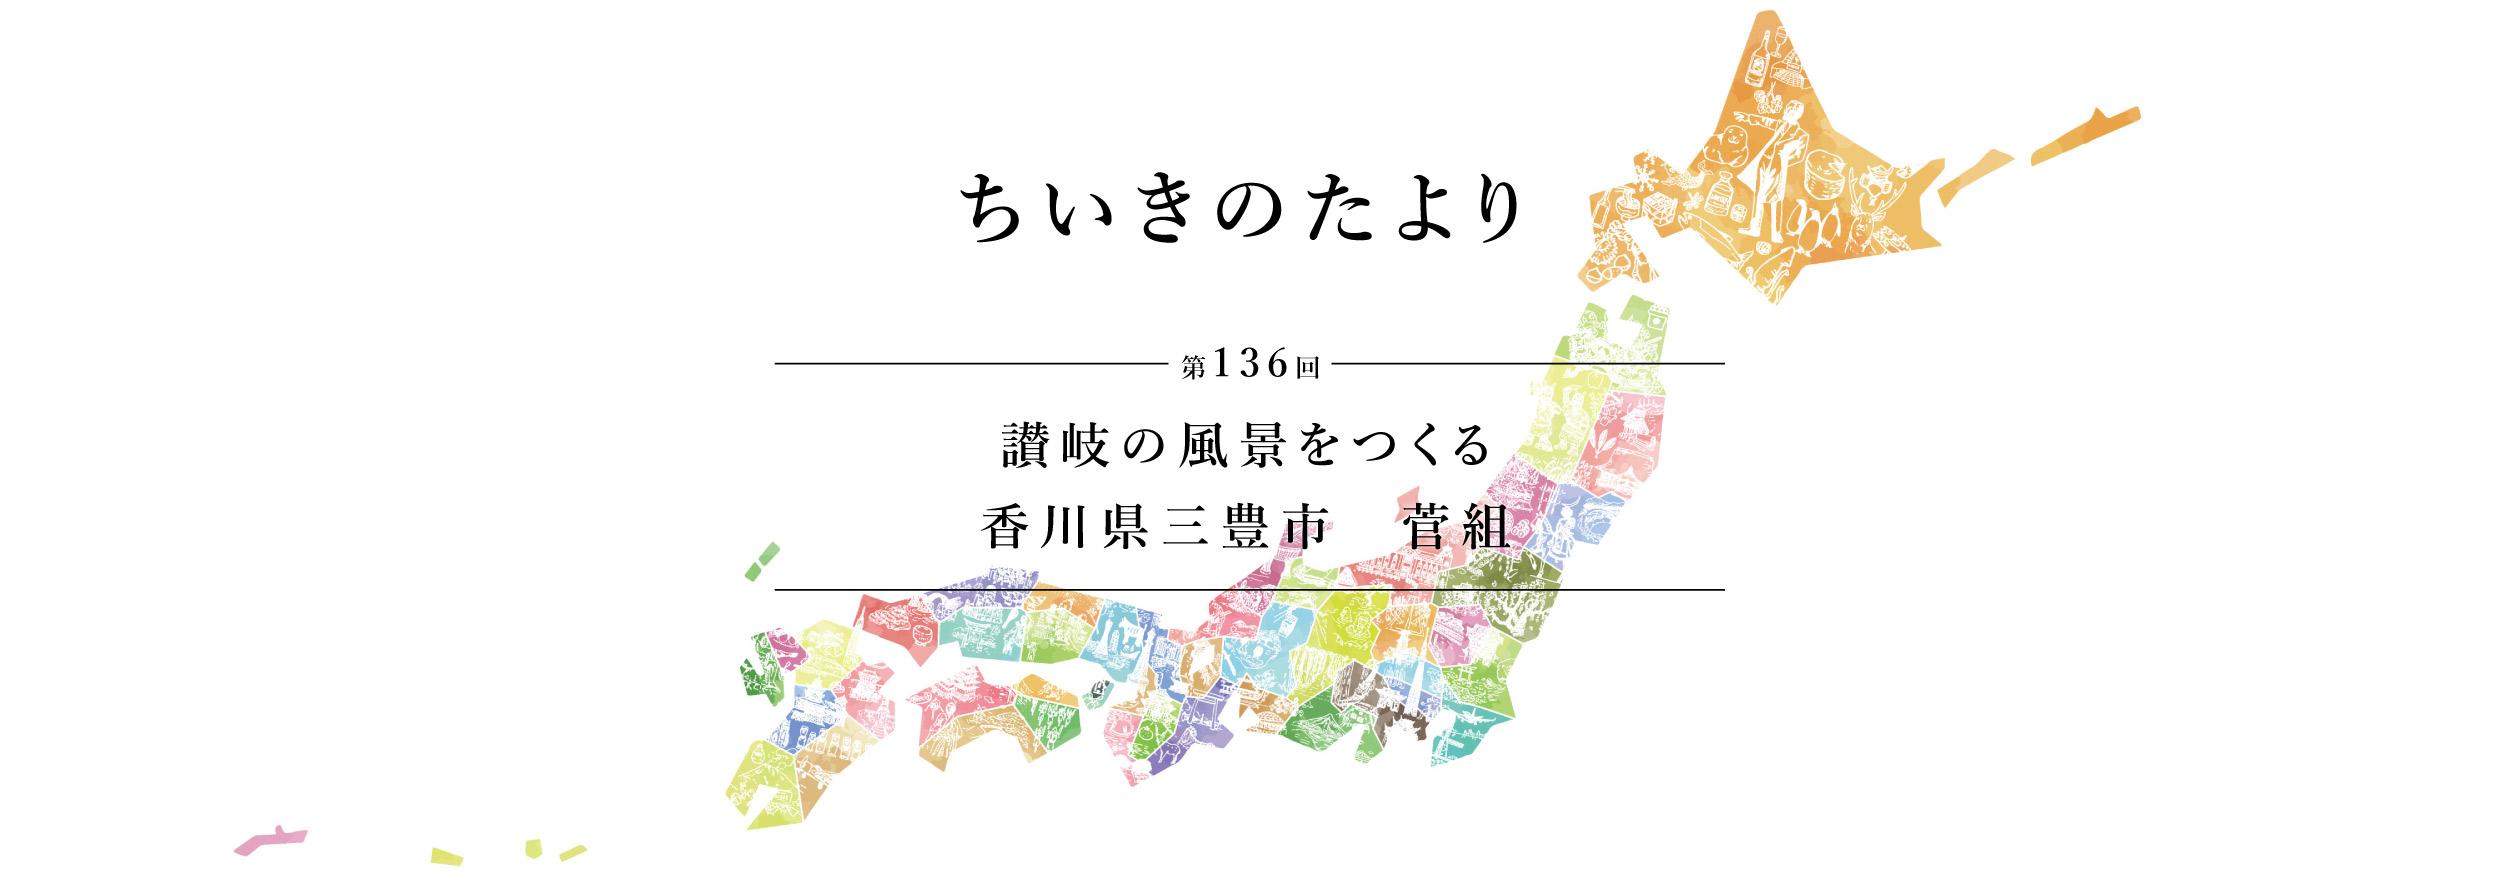 ちいきのたより第136回讃岐の風景をつくる香川県三豊市菅組